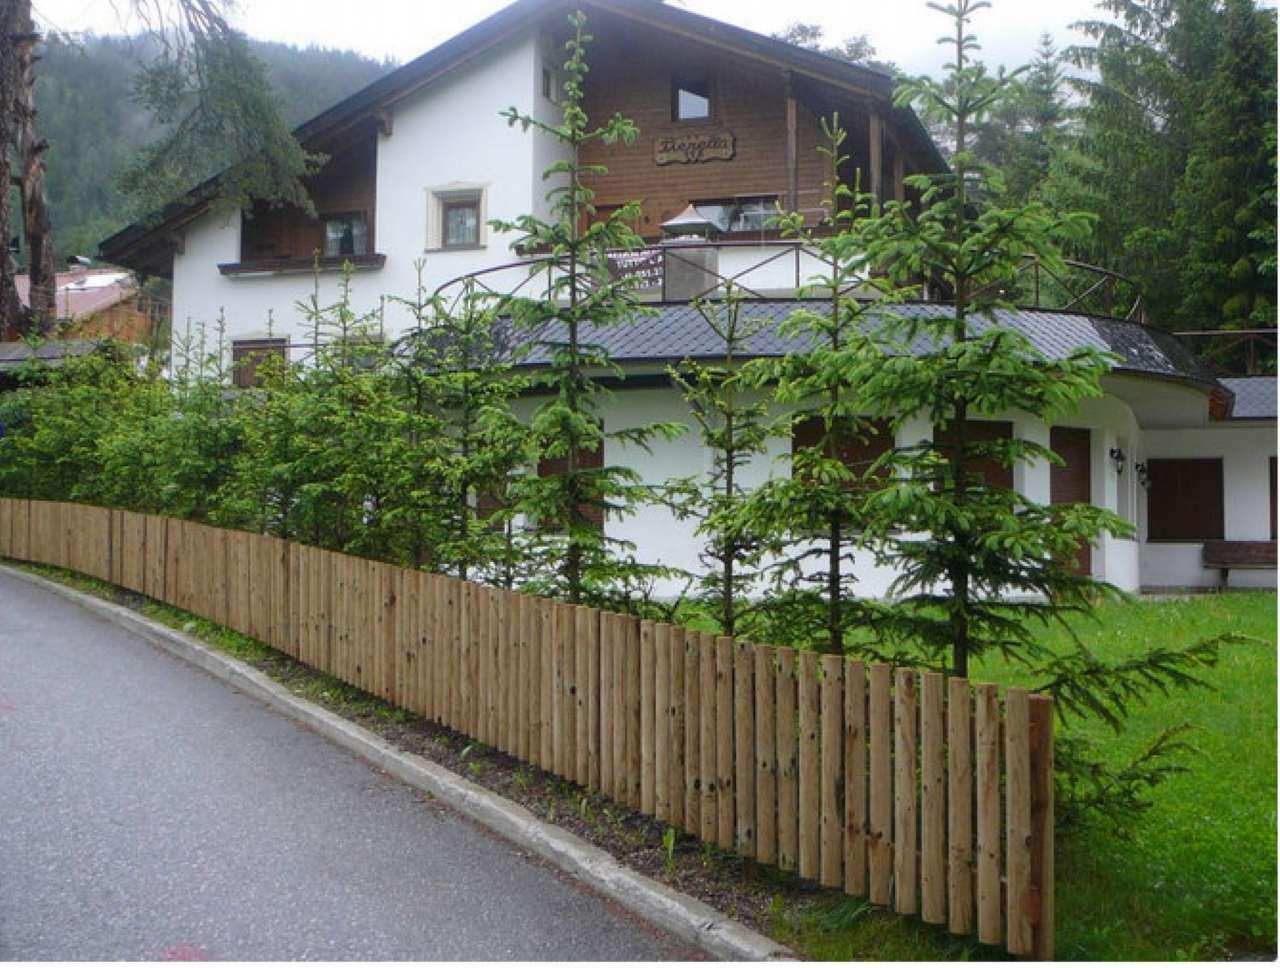 Appartamento in vendita a Marebbe, 5 locali, prezzo € 630.000 | CambioCasa.it